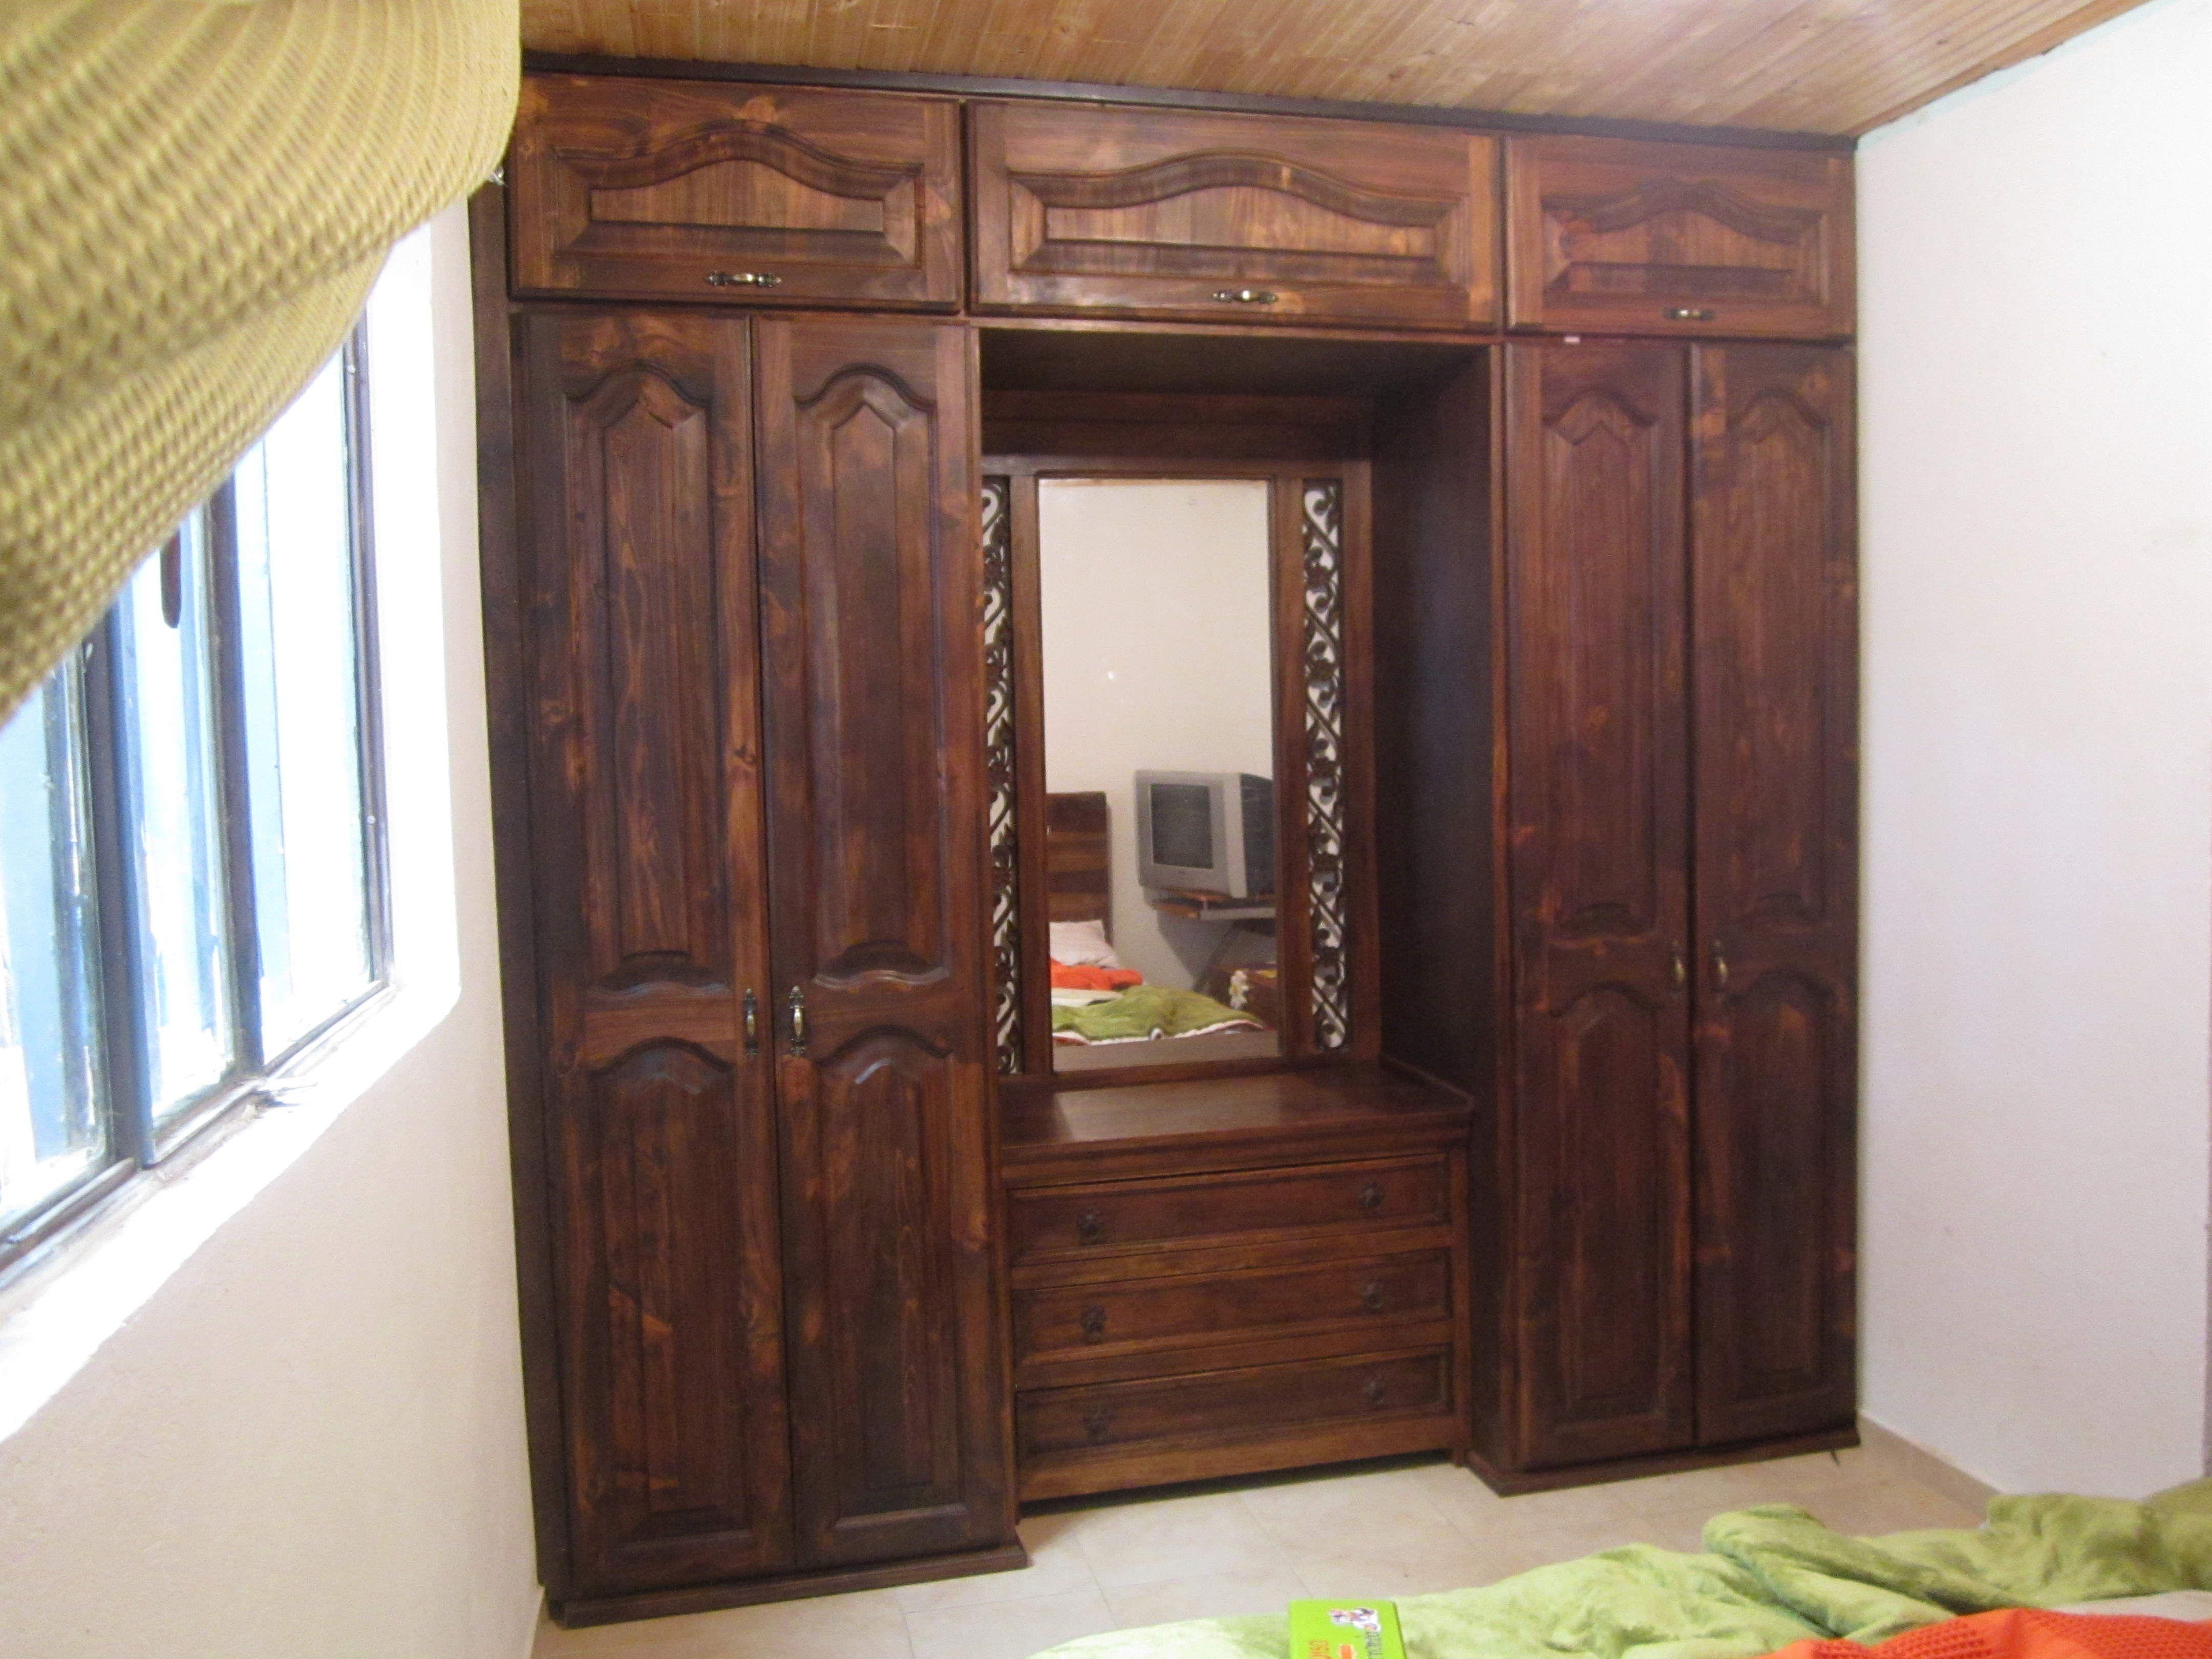 Closet en madera muebles y decoraci n pinterest for Decoracion closet en madera